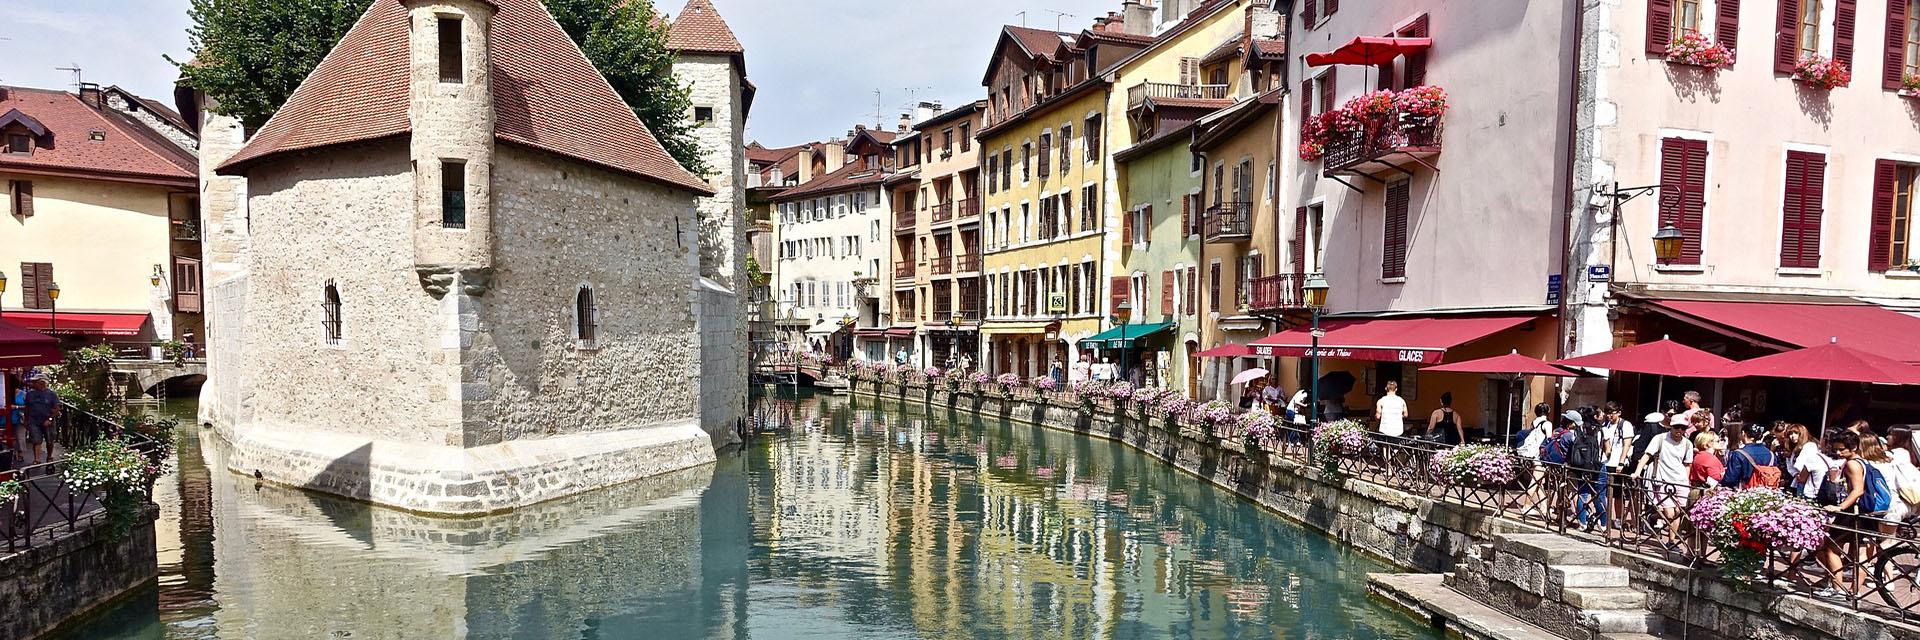 Village_club_vacances_haute-savoie_balcons-du-lac-d-annecy-ville-Annecy